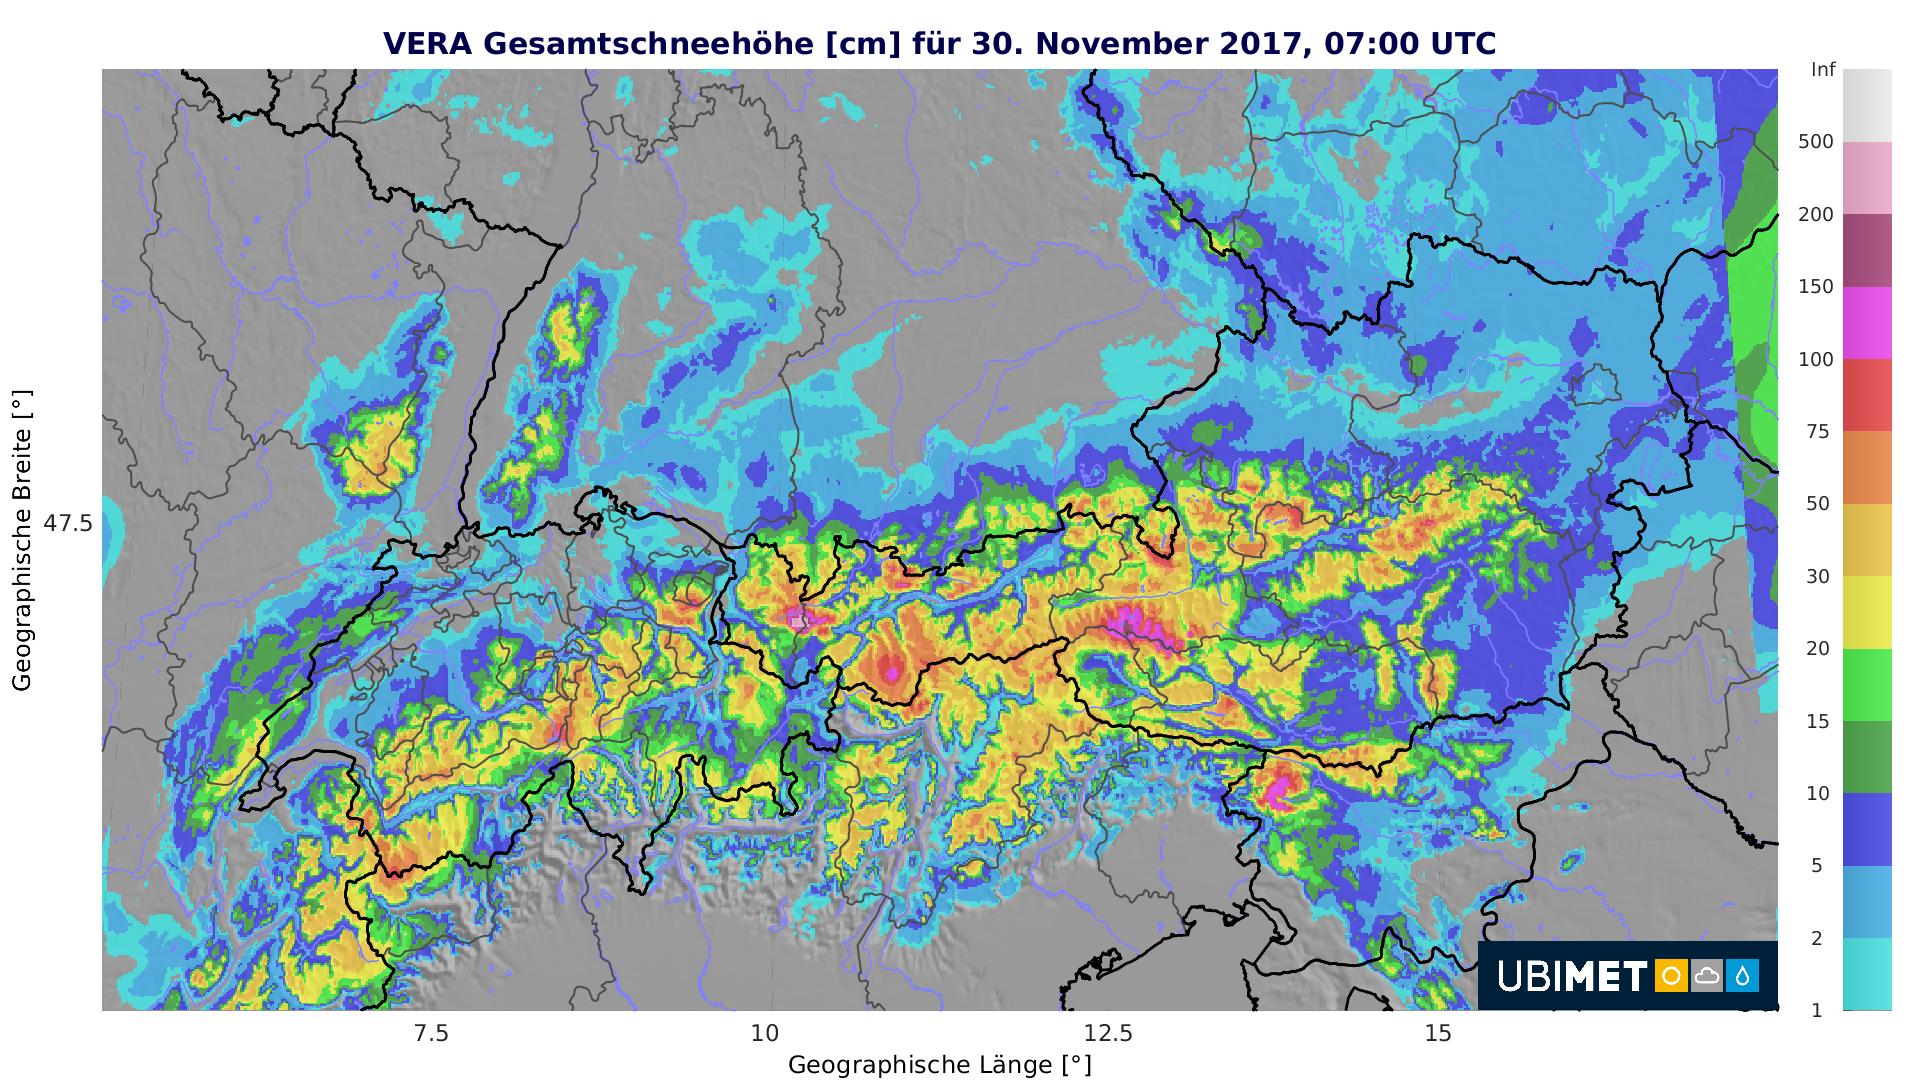 Gesamtschneehöhe für 30 November 2017 07:00 UTC